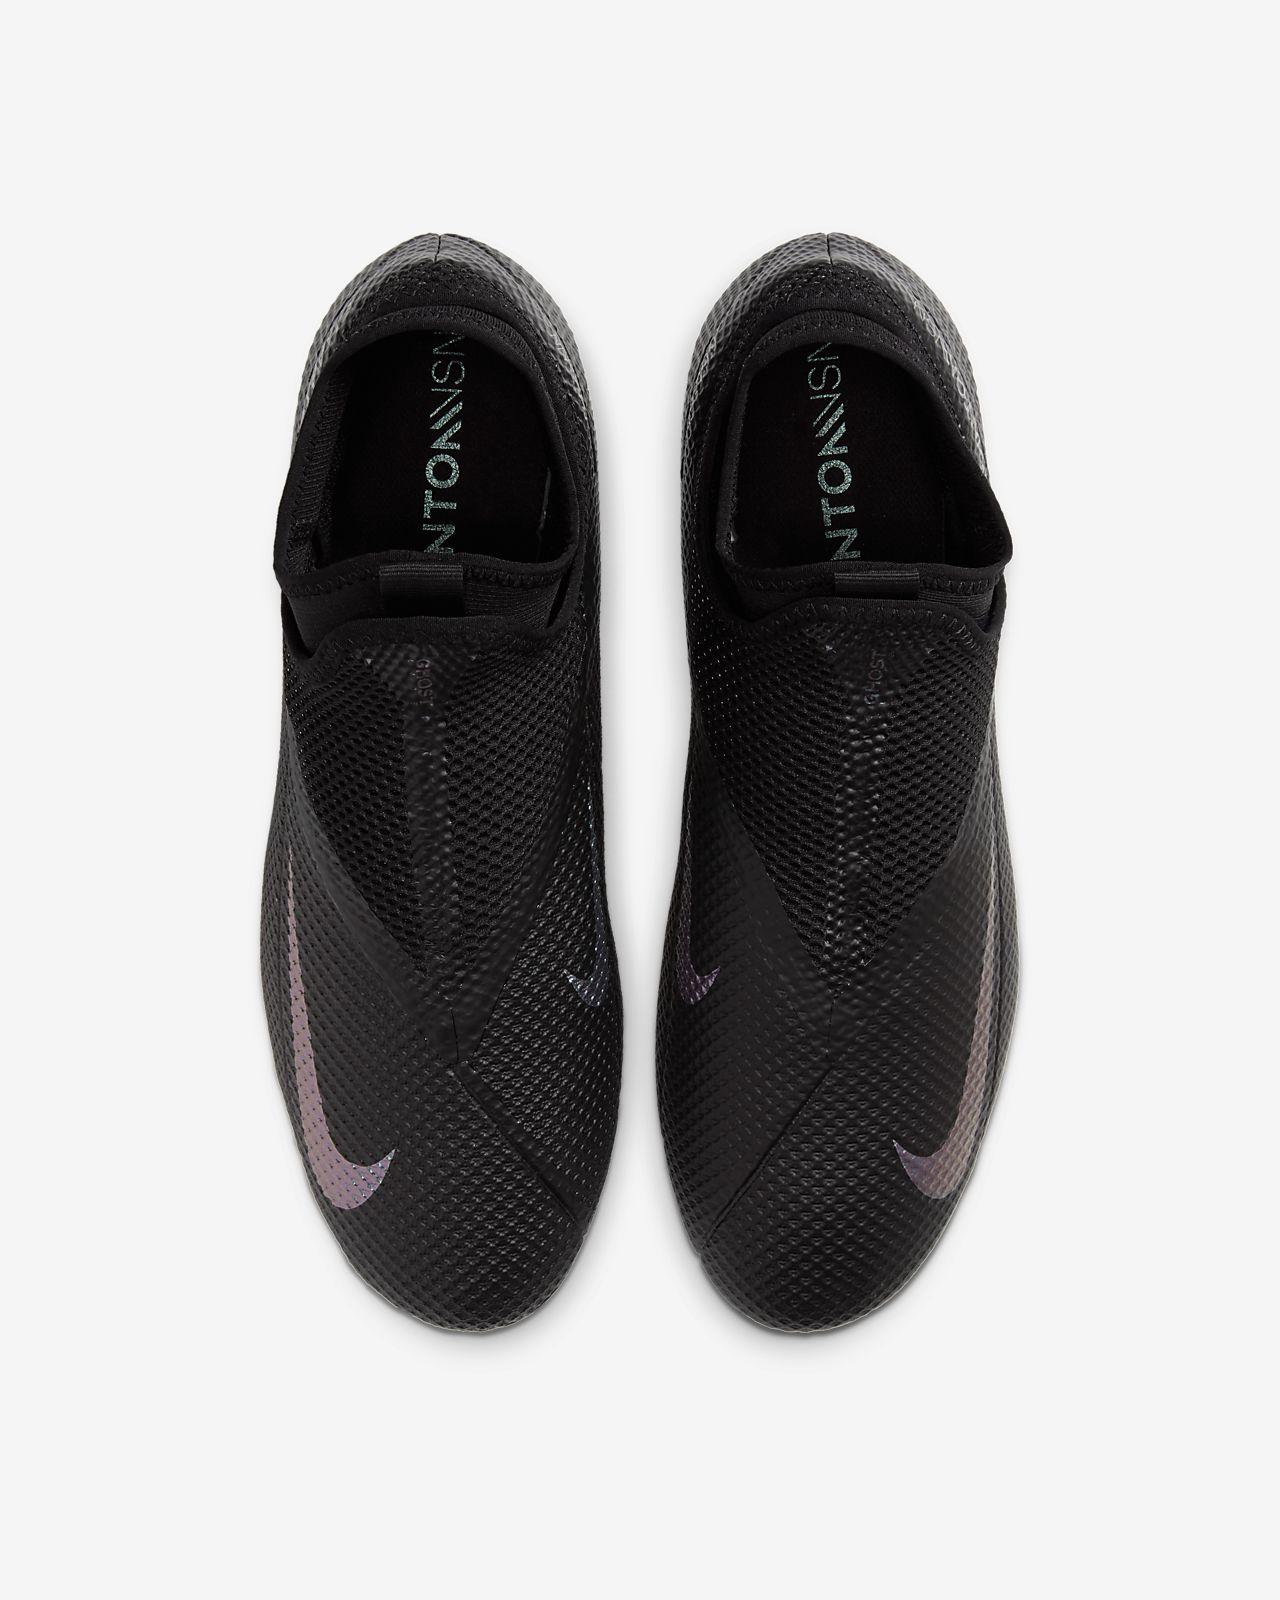 8 Best Nike Non Slip Shoes for Restaurants 2020 Best